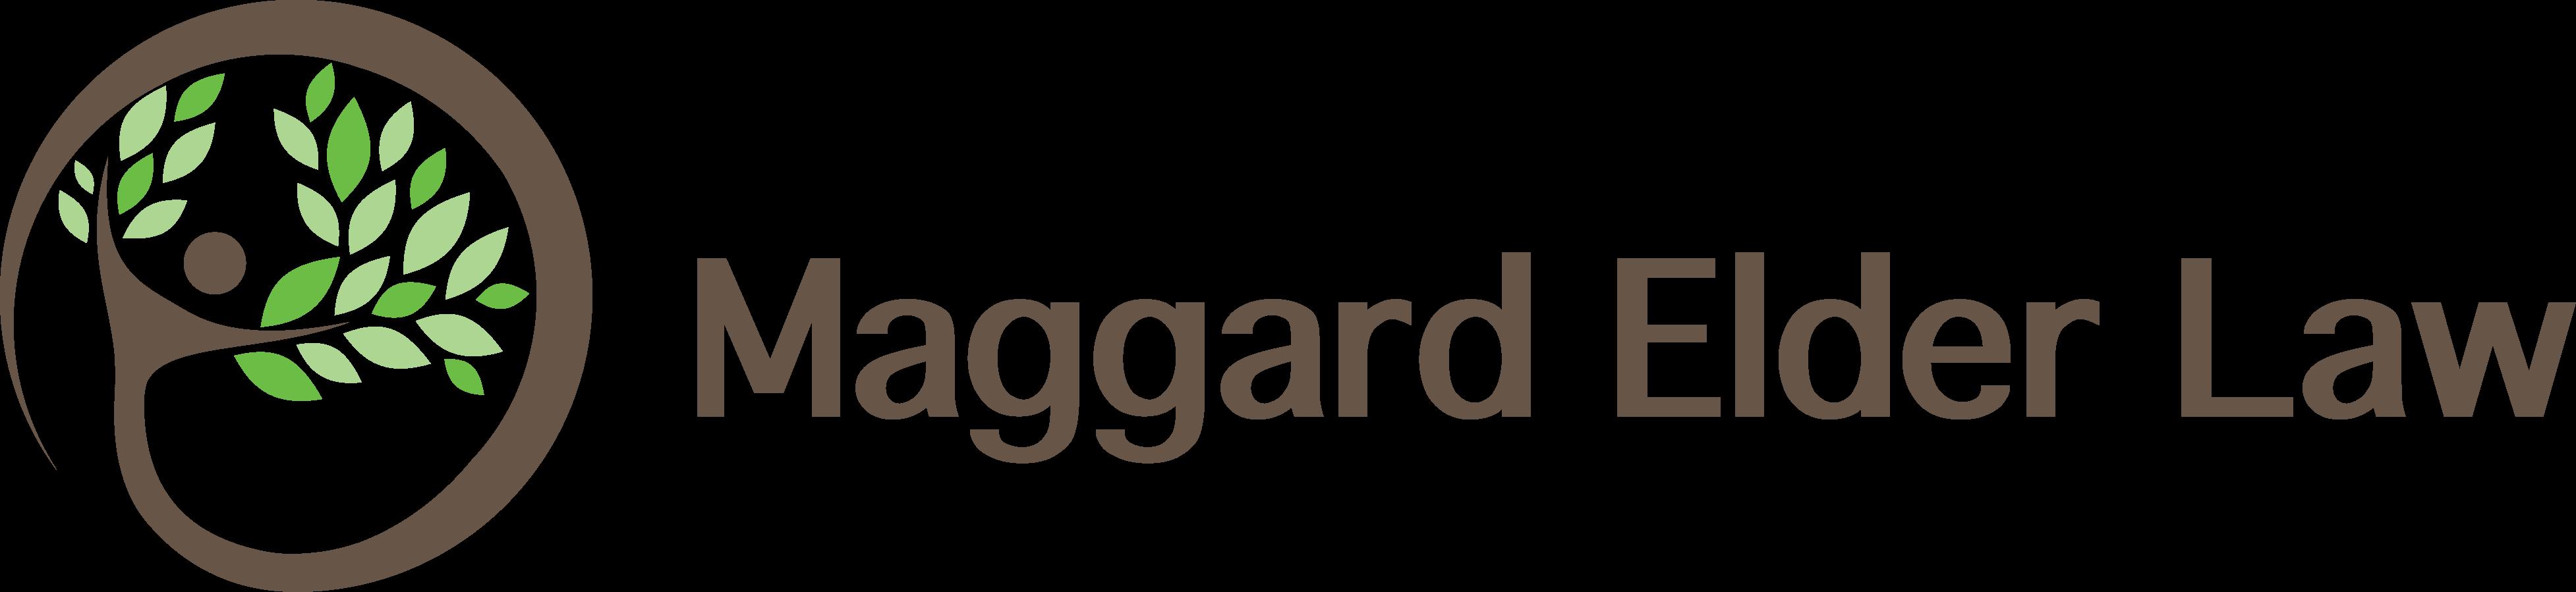 Maggard Elder Law